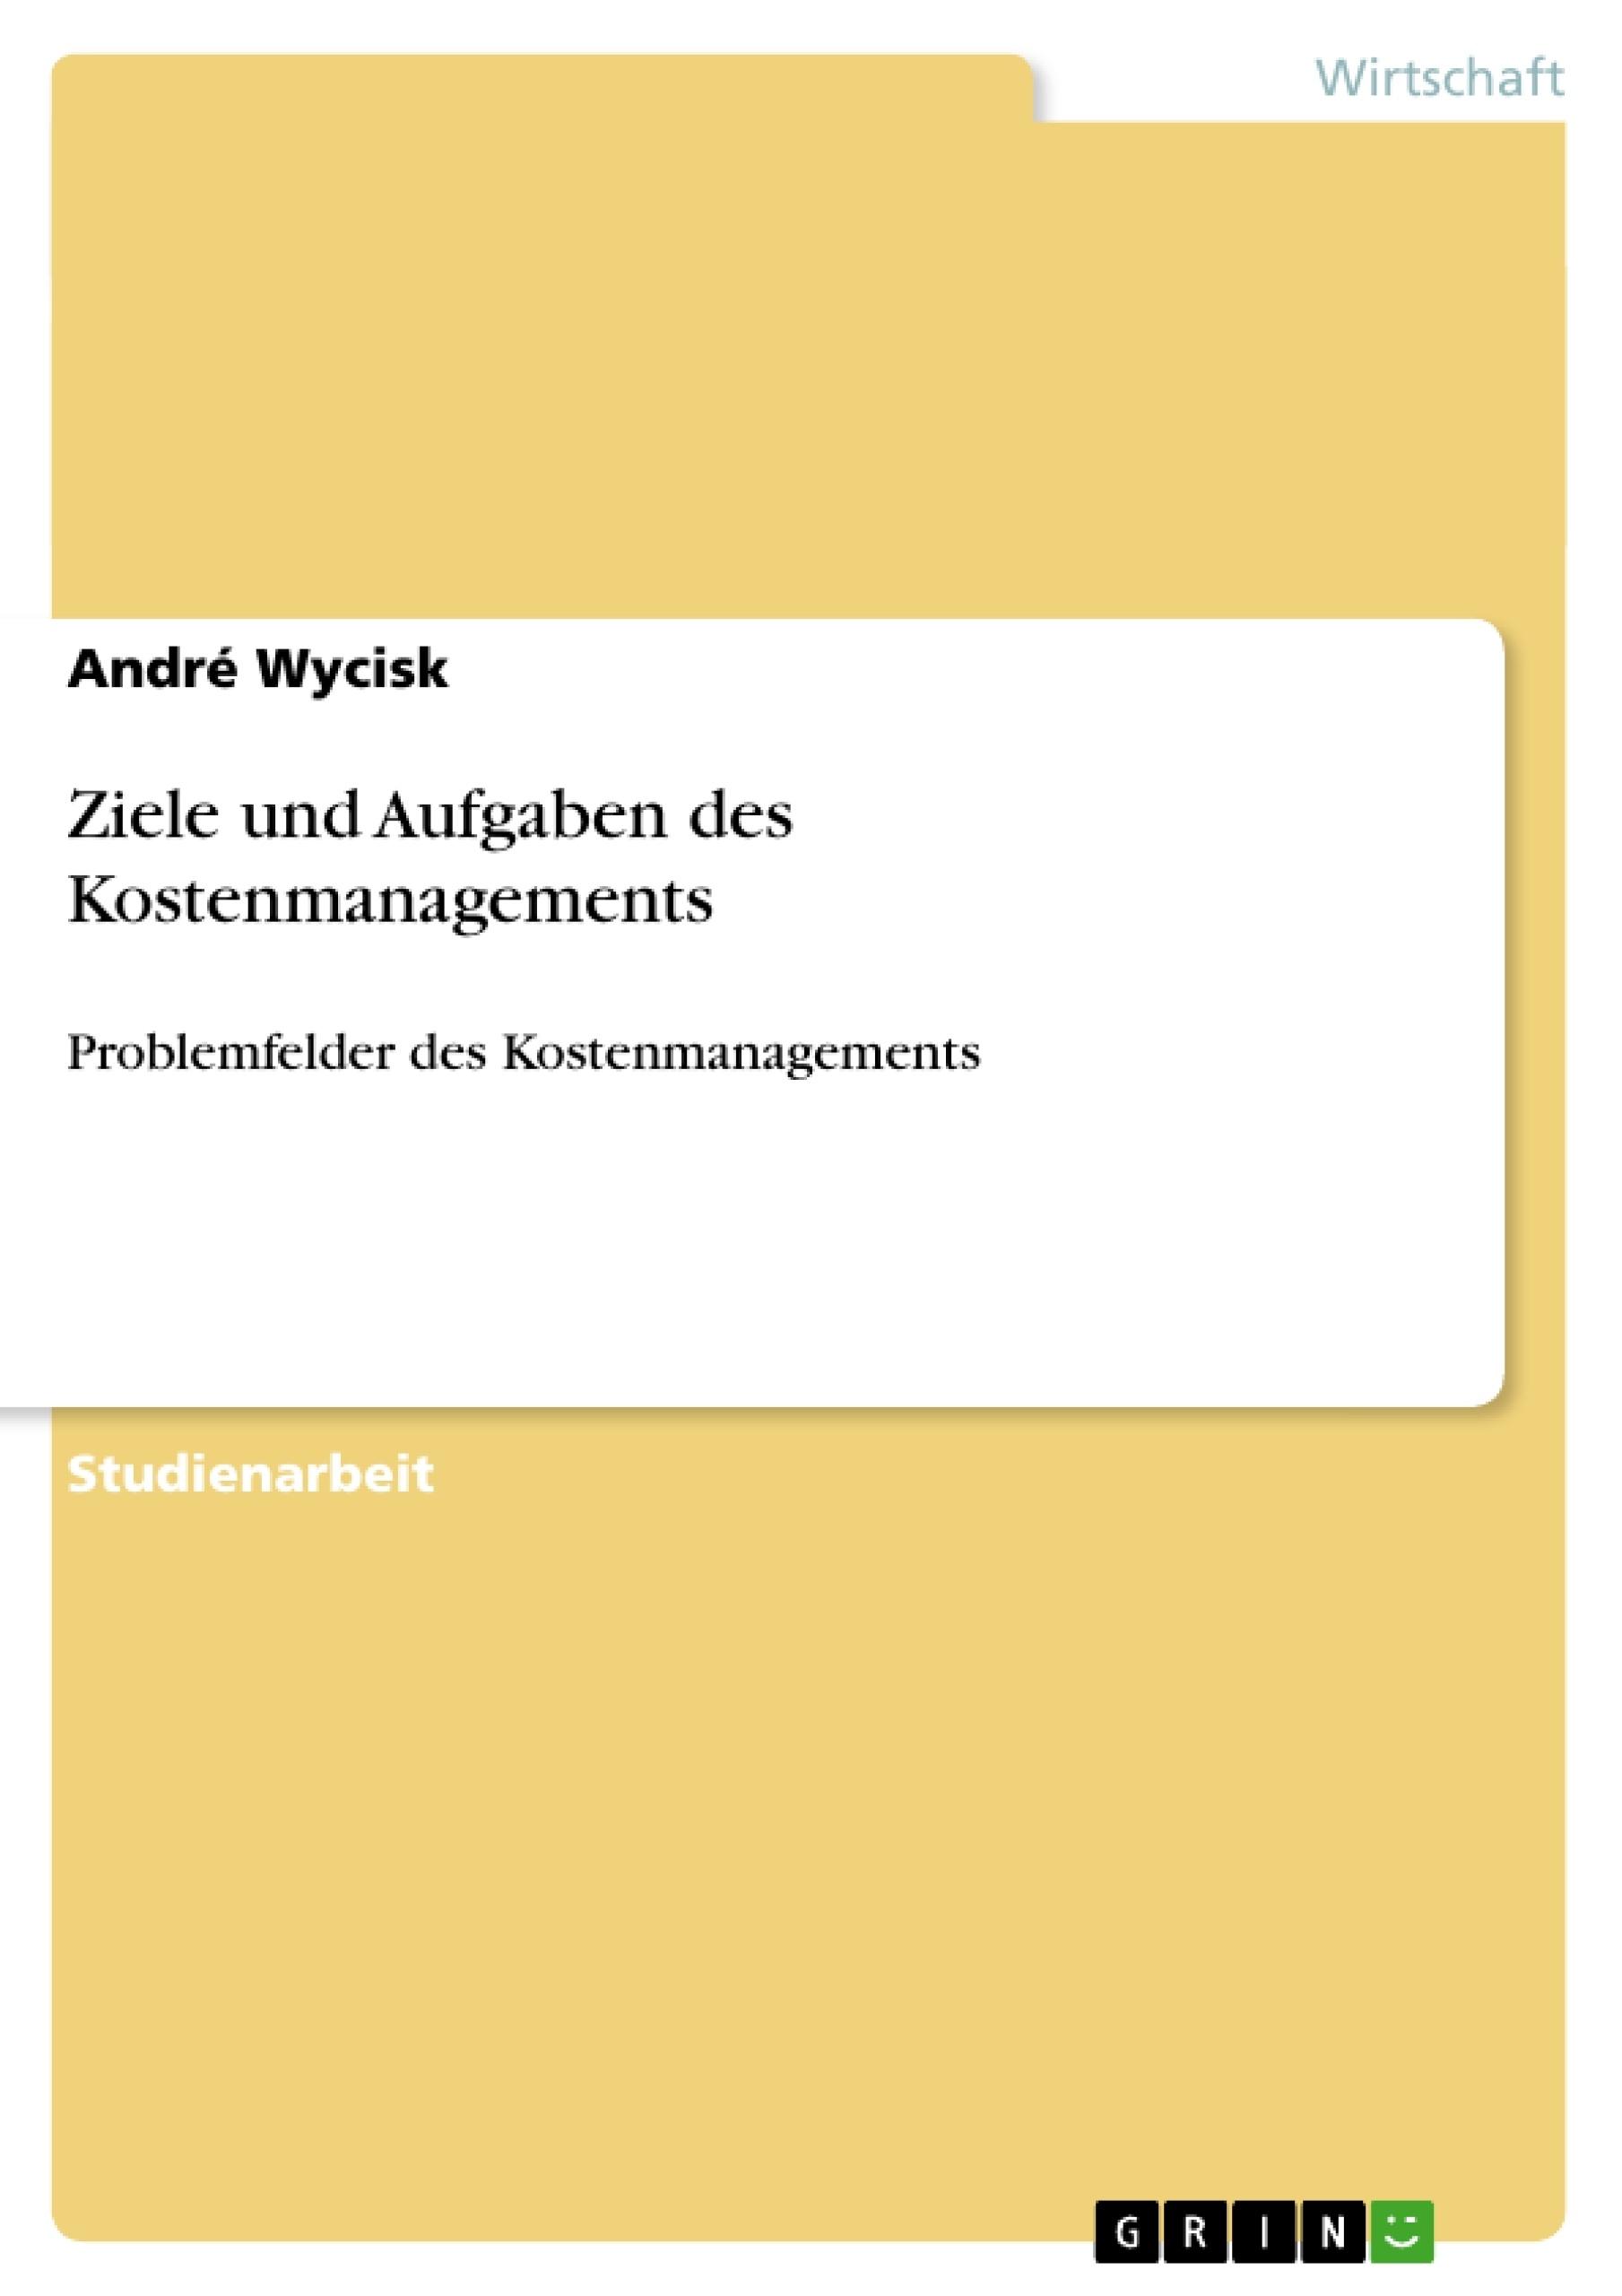 Titel: Ziele und Aufgaben des Kostenmanagements